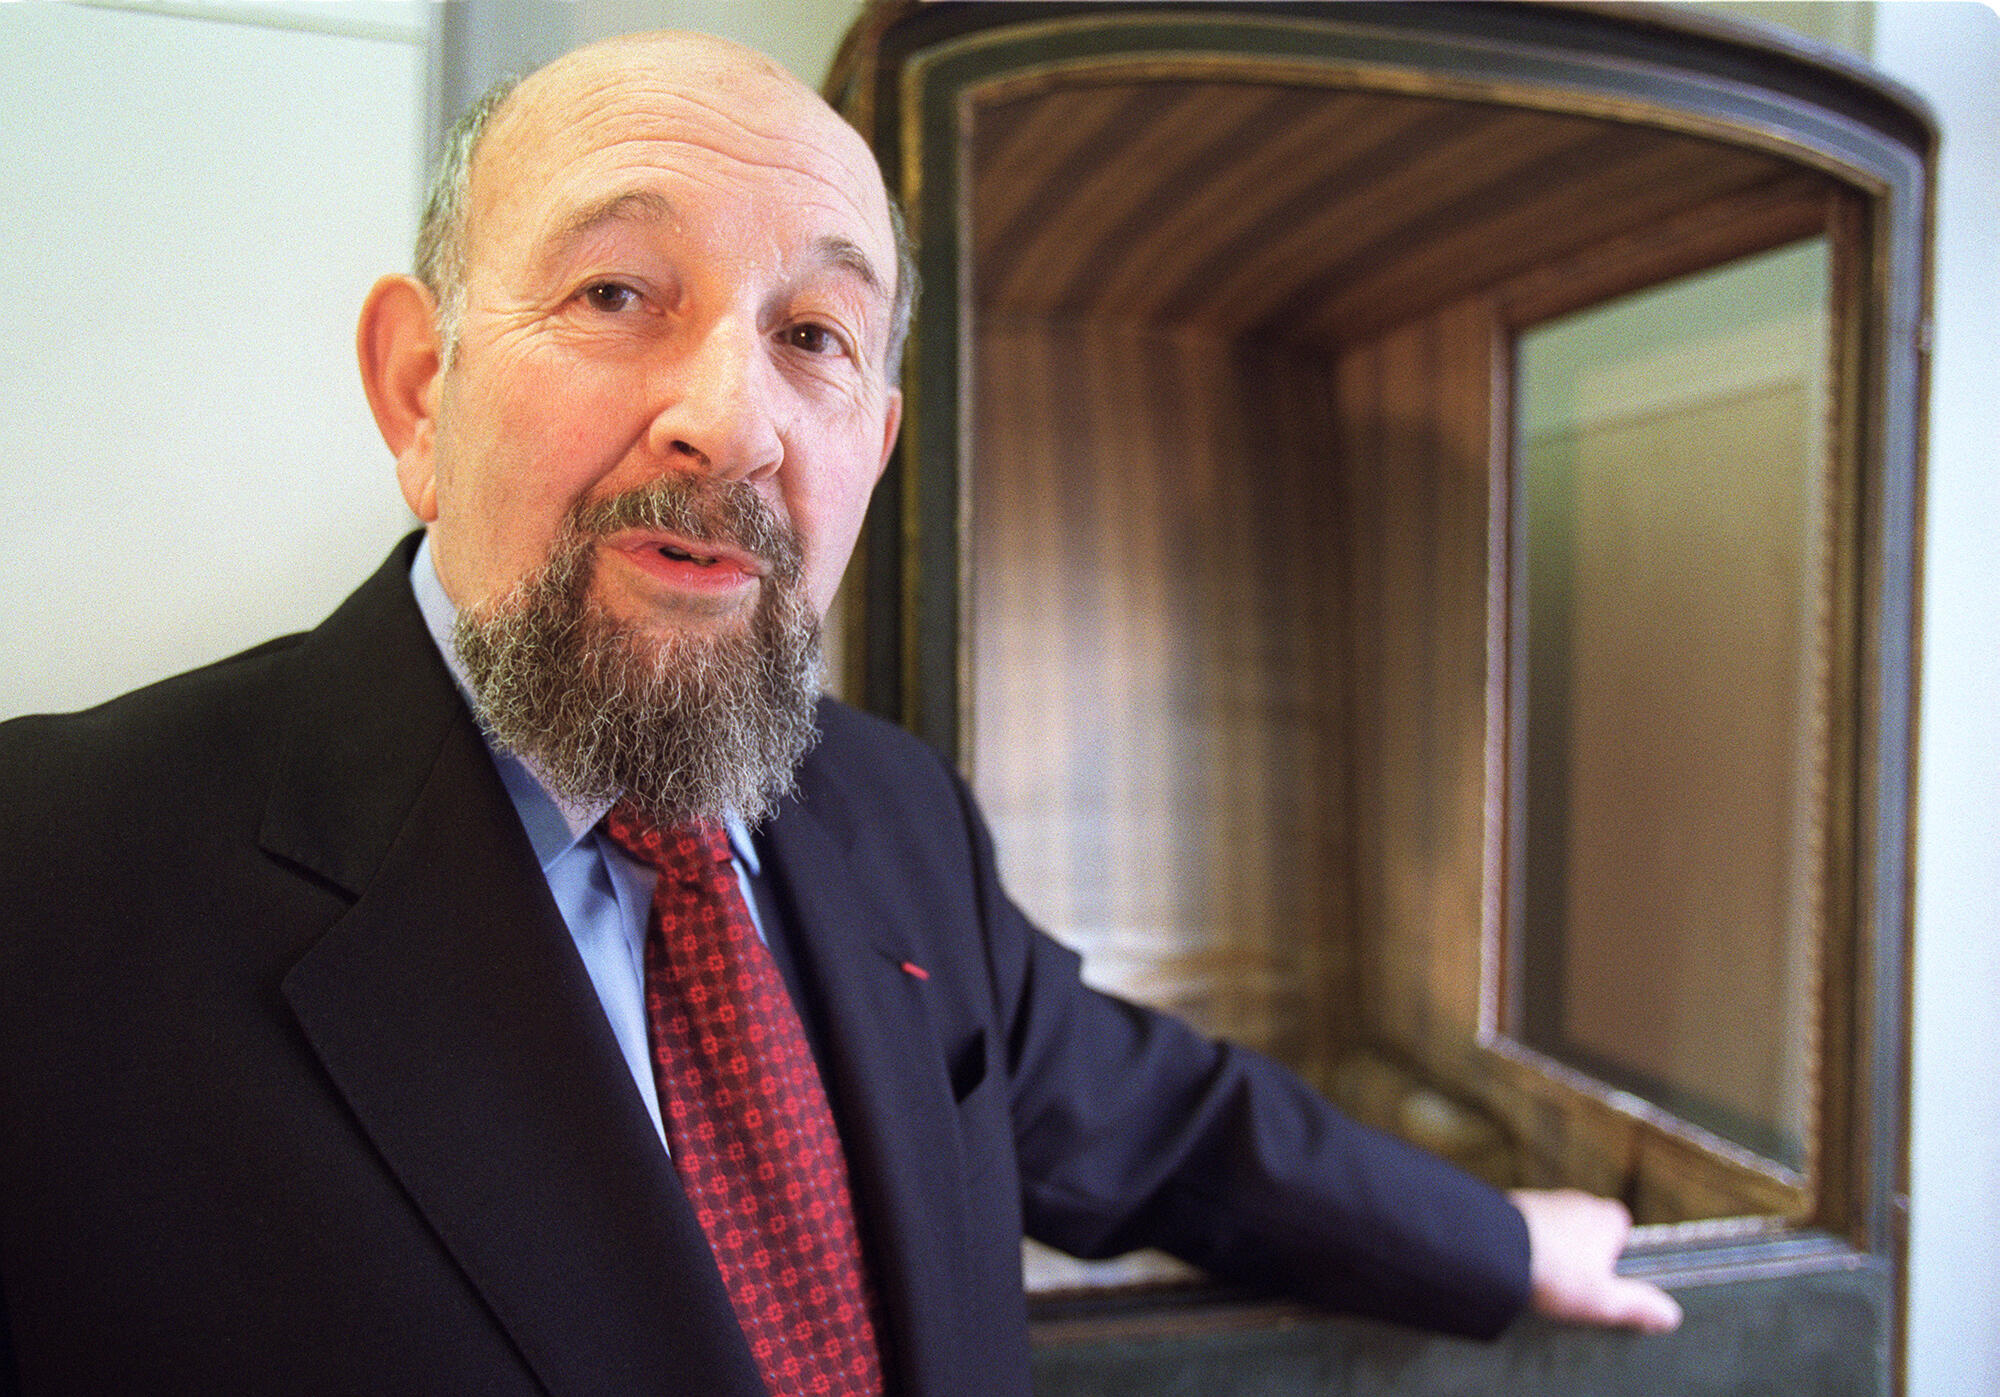 法国地理学家伊夫·拉科斯特(Yves Lacoste),2001年3月22日,出席他创刊的地缘政治研究杂志Hérodote成立25周年纪念活动。